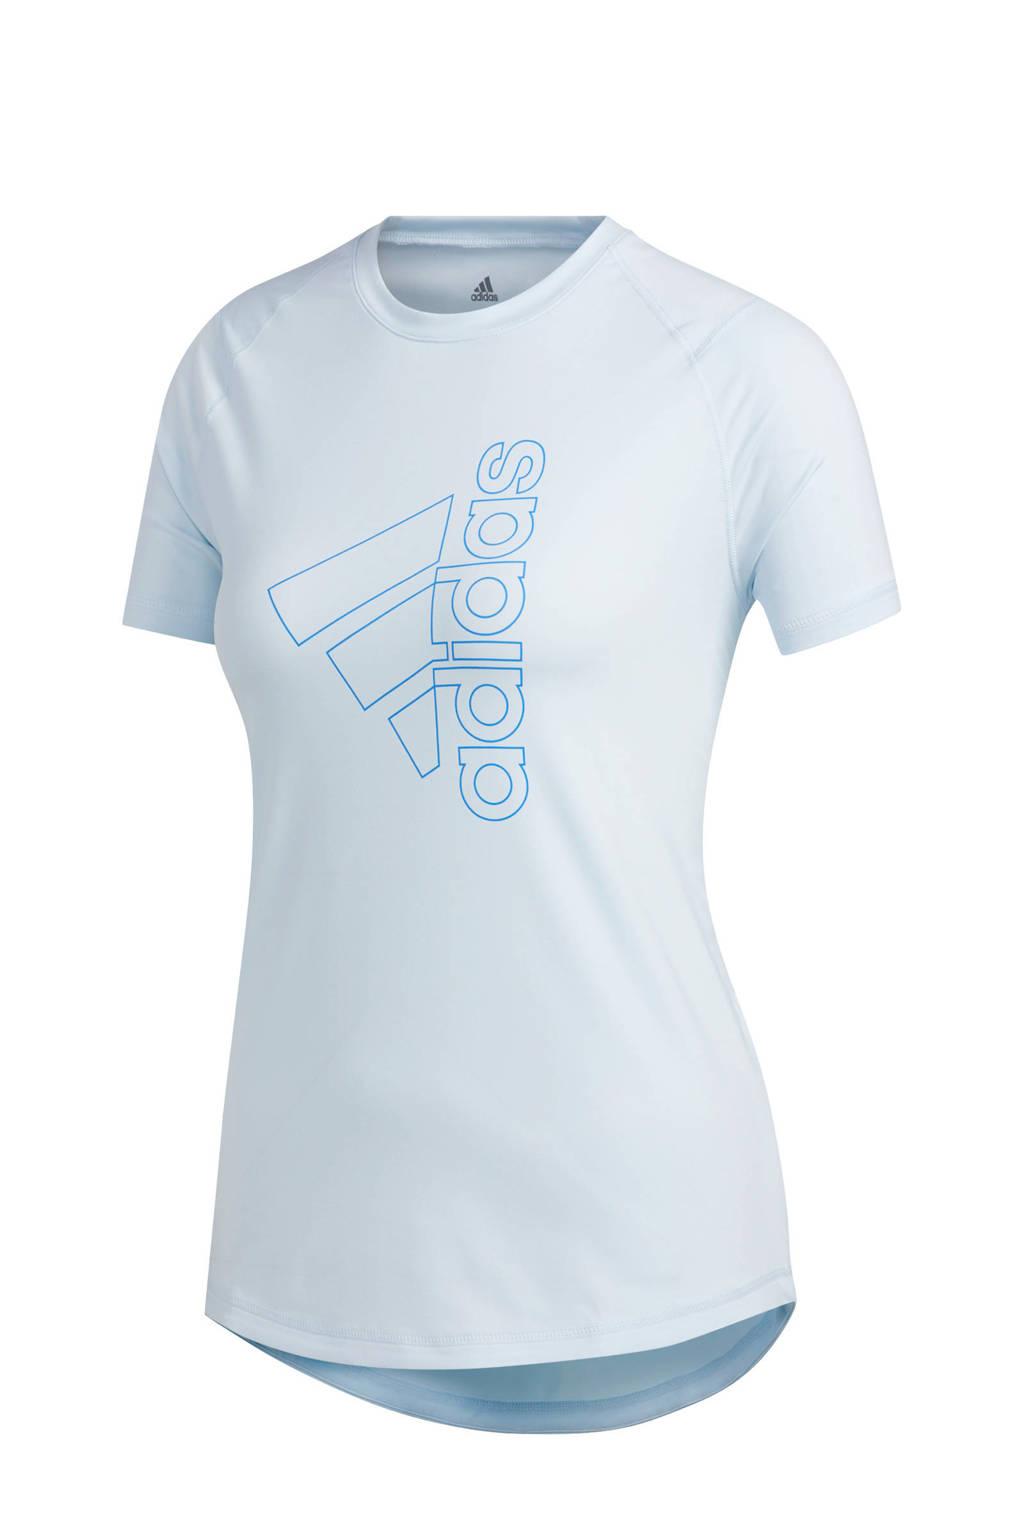 adidas Performance sport T-shirt lichtblauw, Lichtblauw